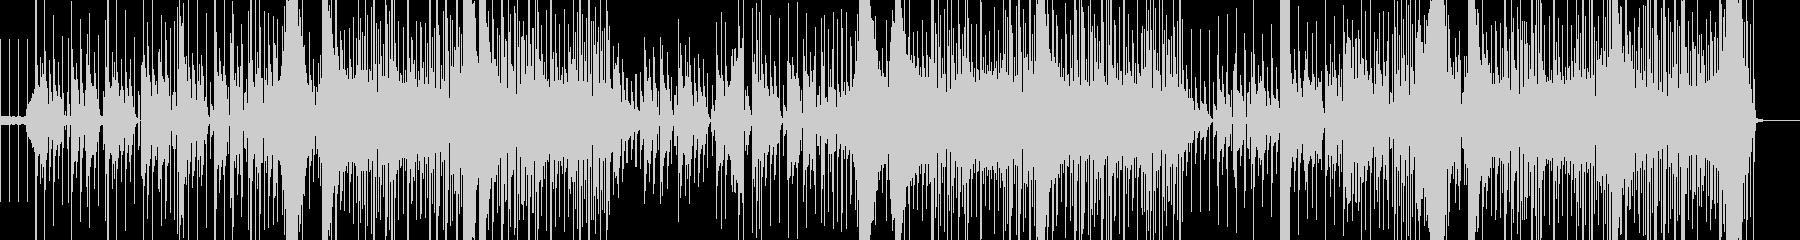 可愛いピアノが跳ねる 日常系BGMの未再生の波形